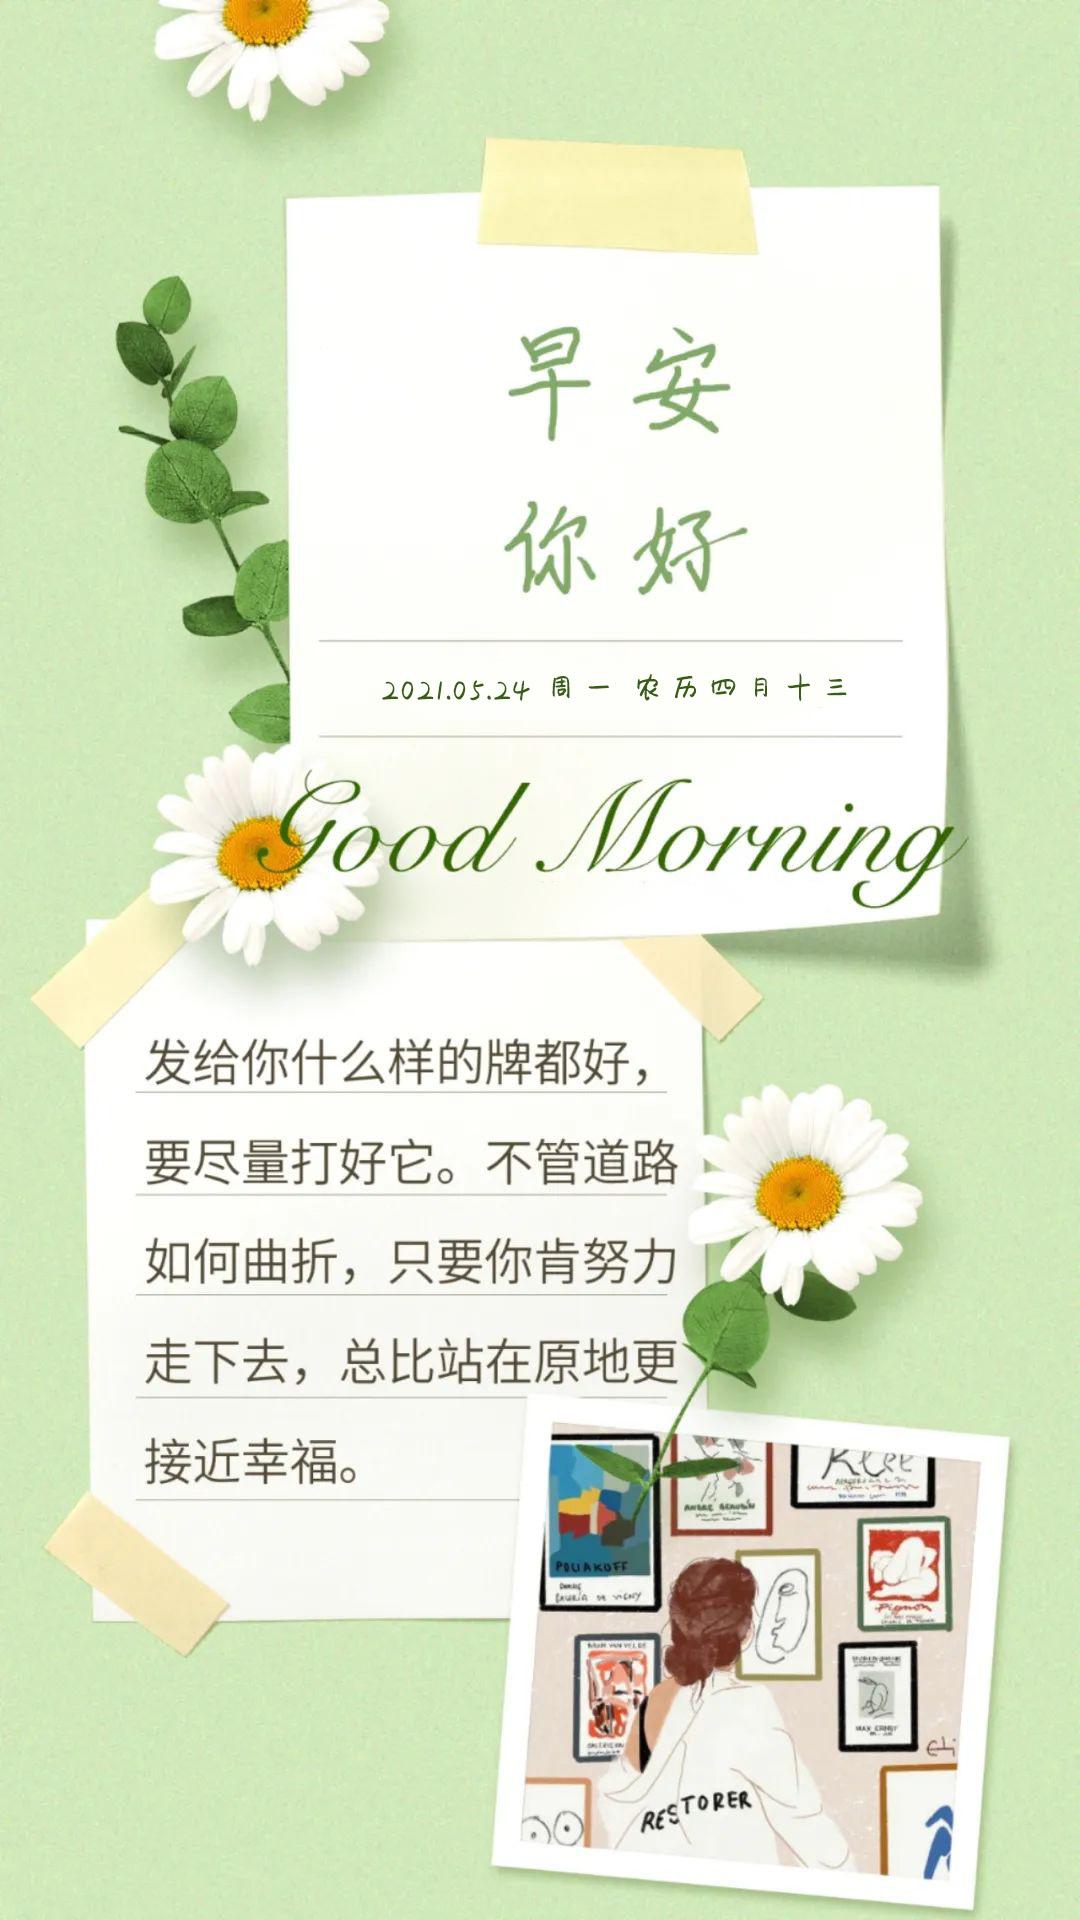 新一周早安心语正能量图片带字,励志早安说说文字